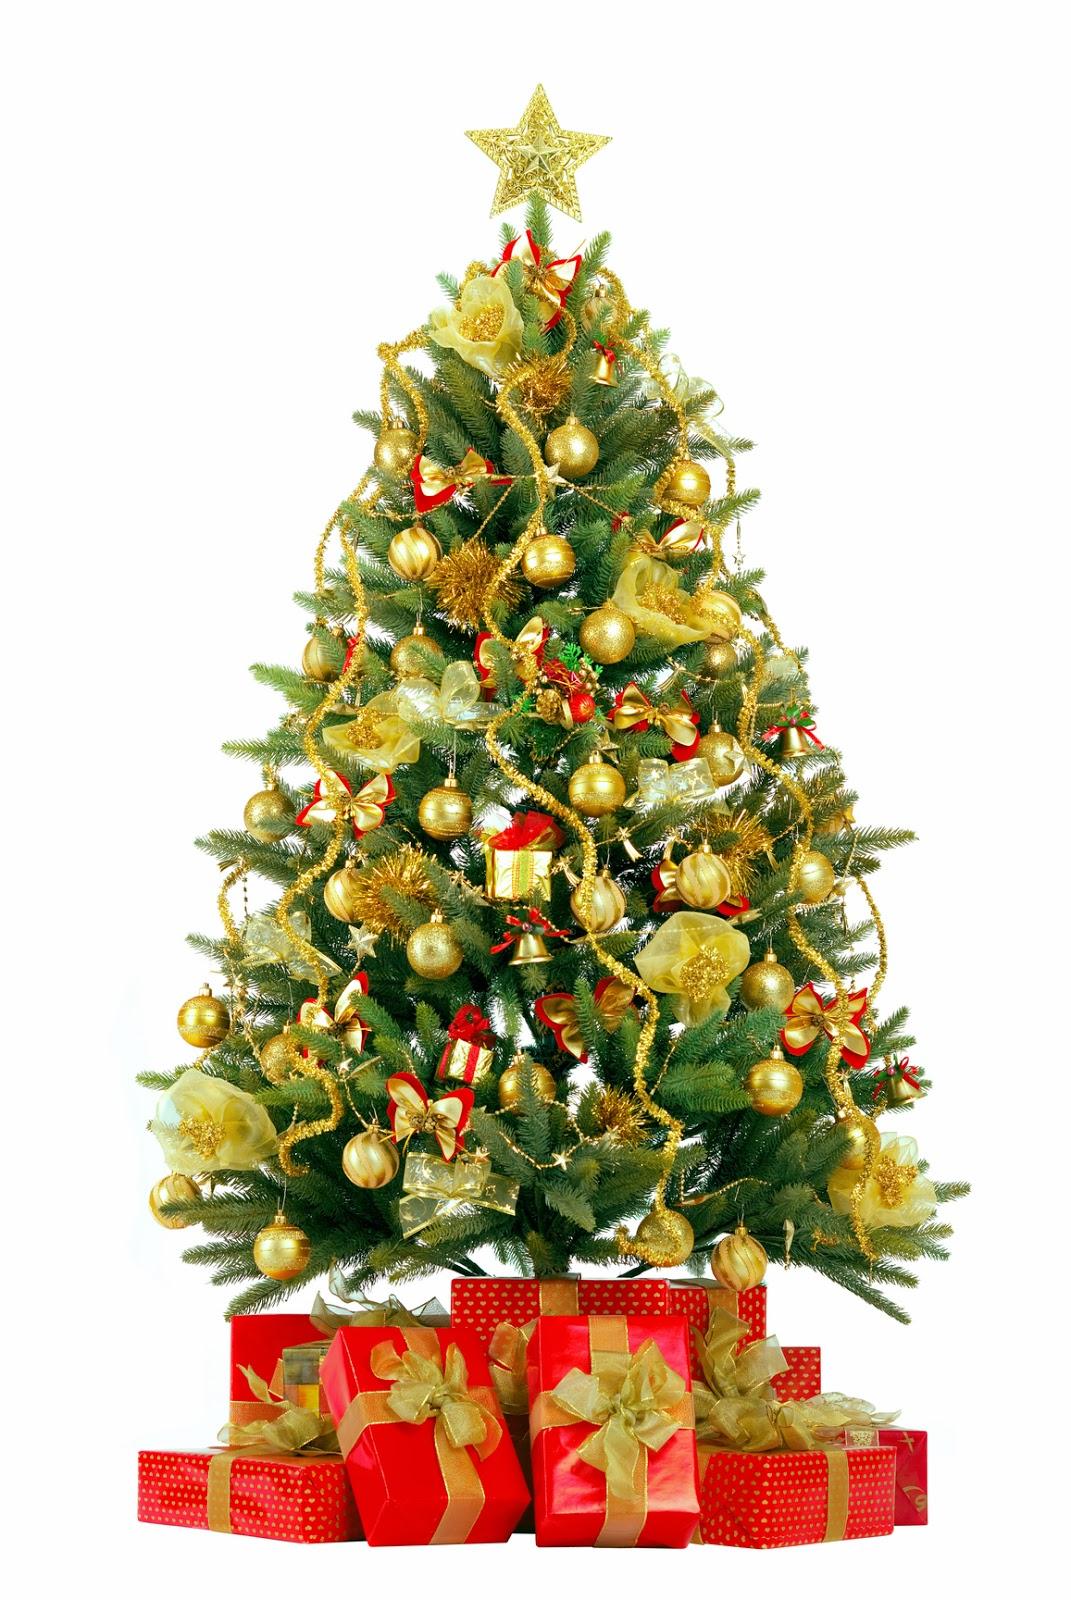 Banco de im genes pinito de navidad decorado con esferas - Arbol de navidad con regalos ...